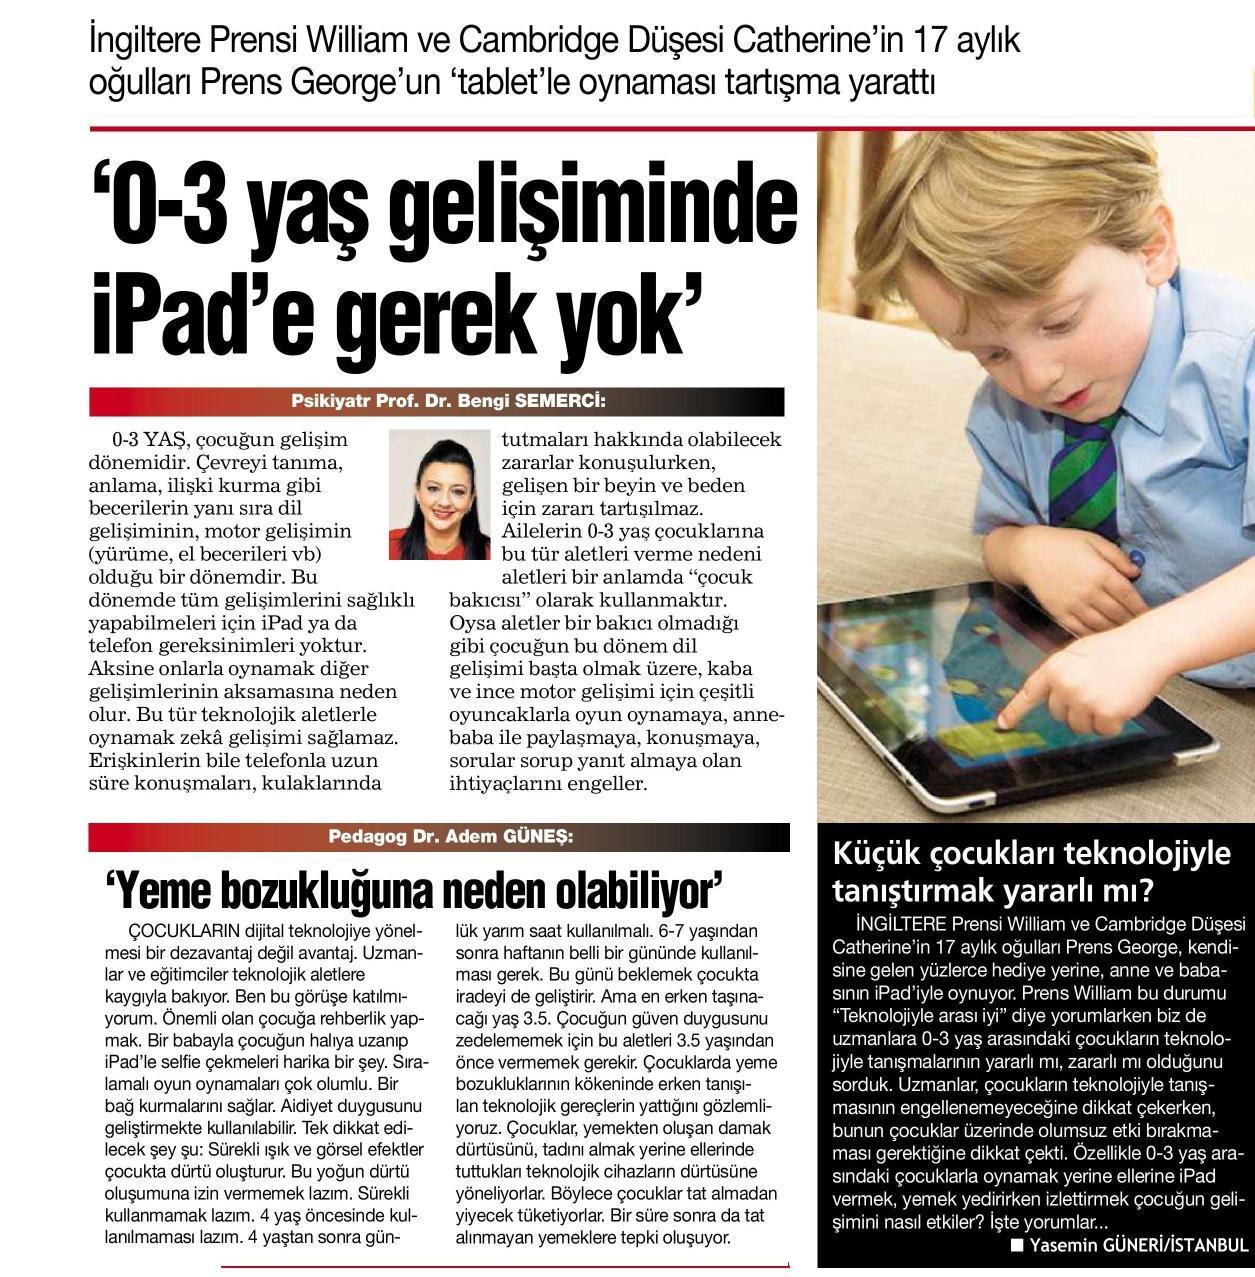 0-3 yaş gelişiminde iPad'e gerek yok - HABERTÜRK 13.12.2014